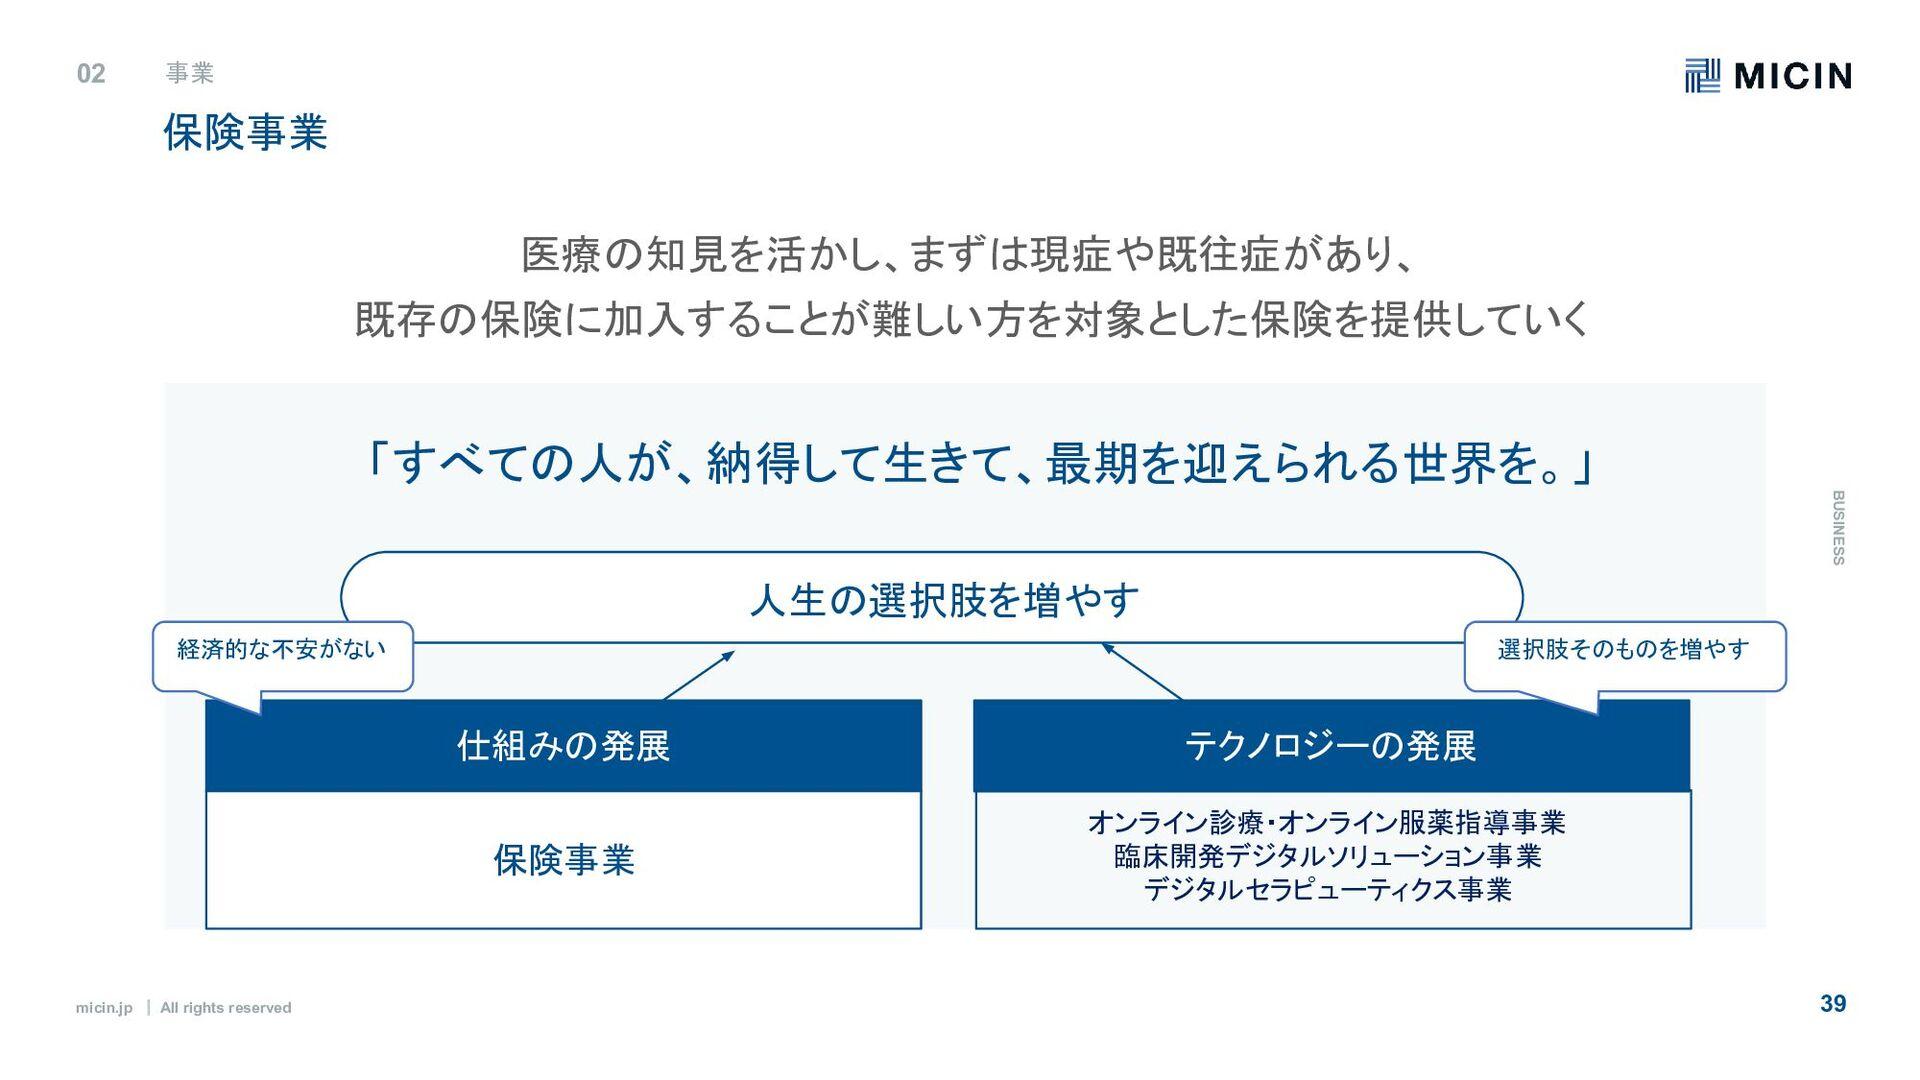 micin.jp ʛ All rights reserved 39 ϝϯόʔհ 03 O R...